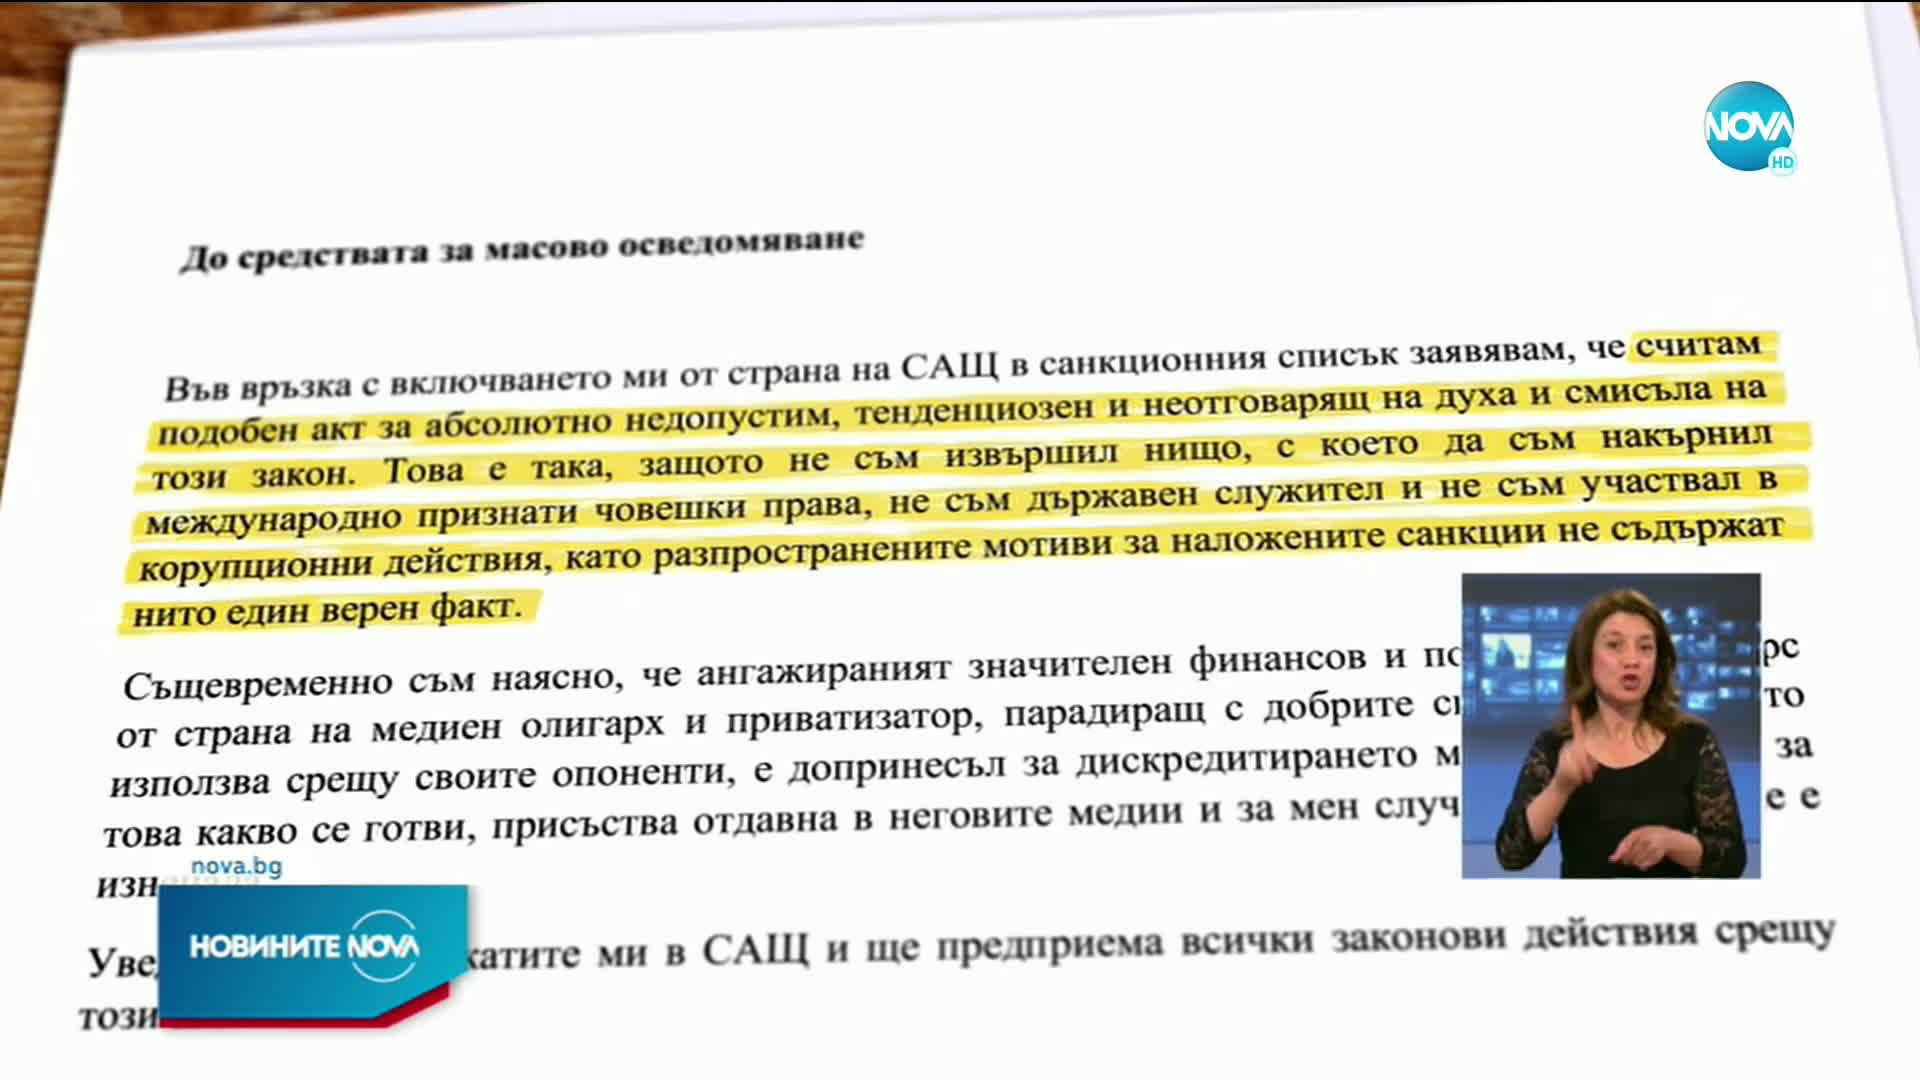 Пеевски за санкциите: Абсолютно недопустим и тенденциозен акт